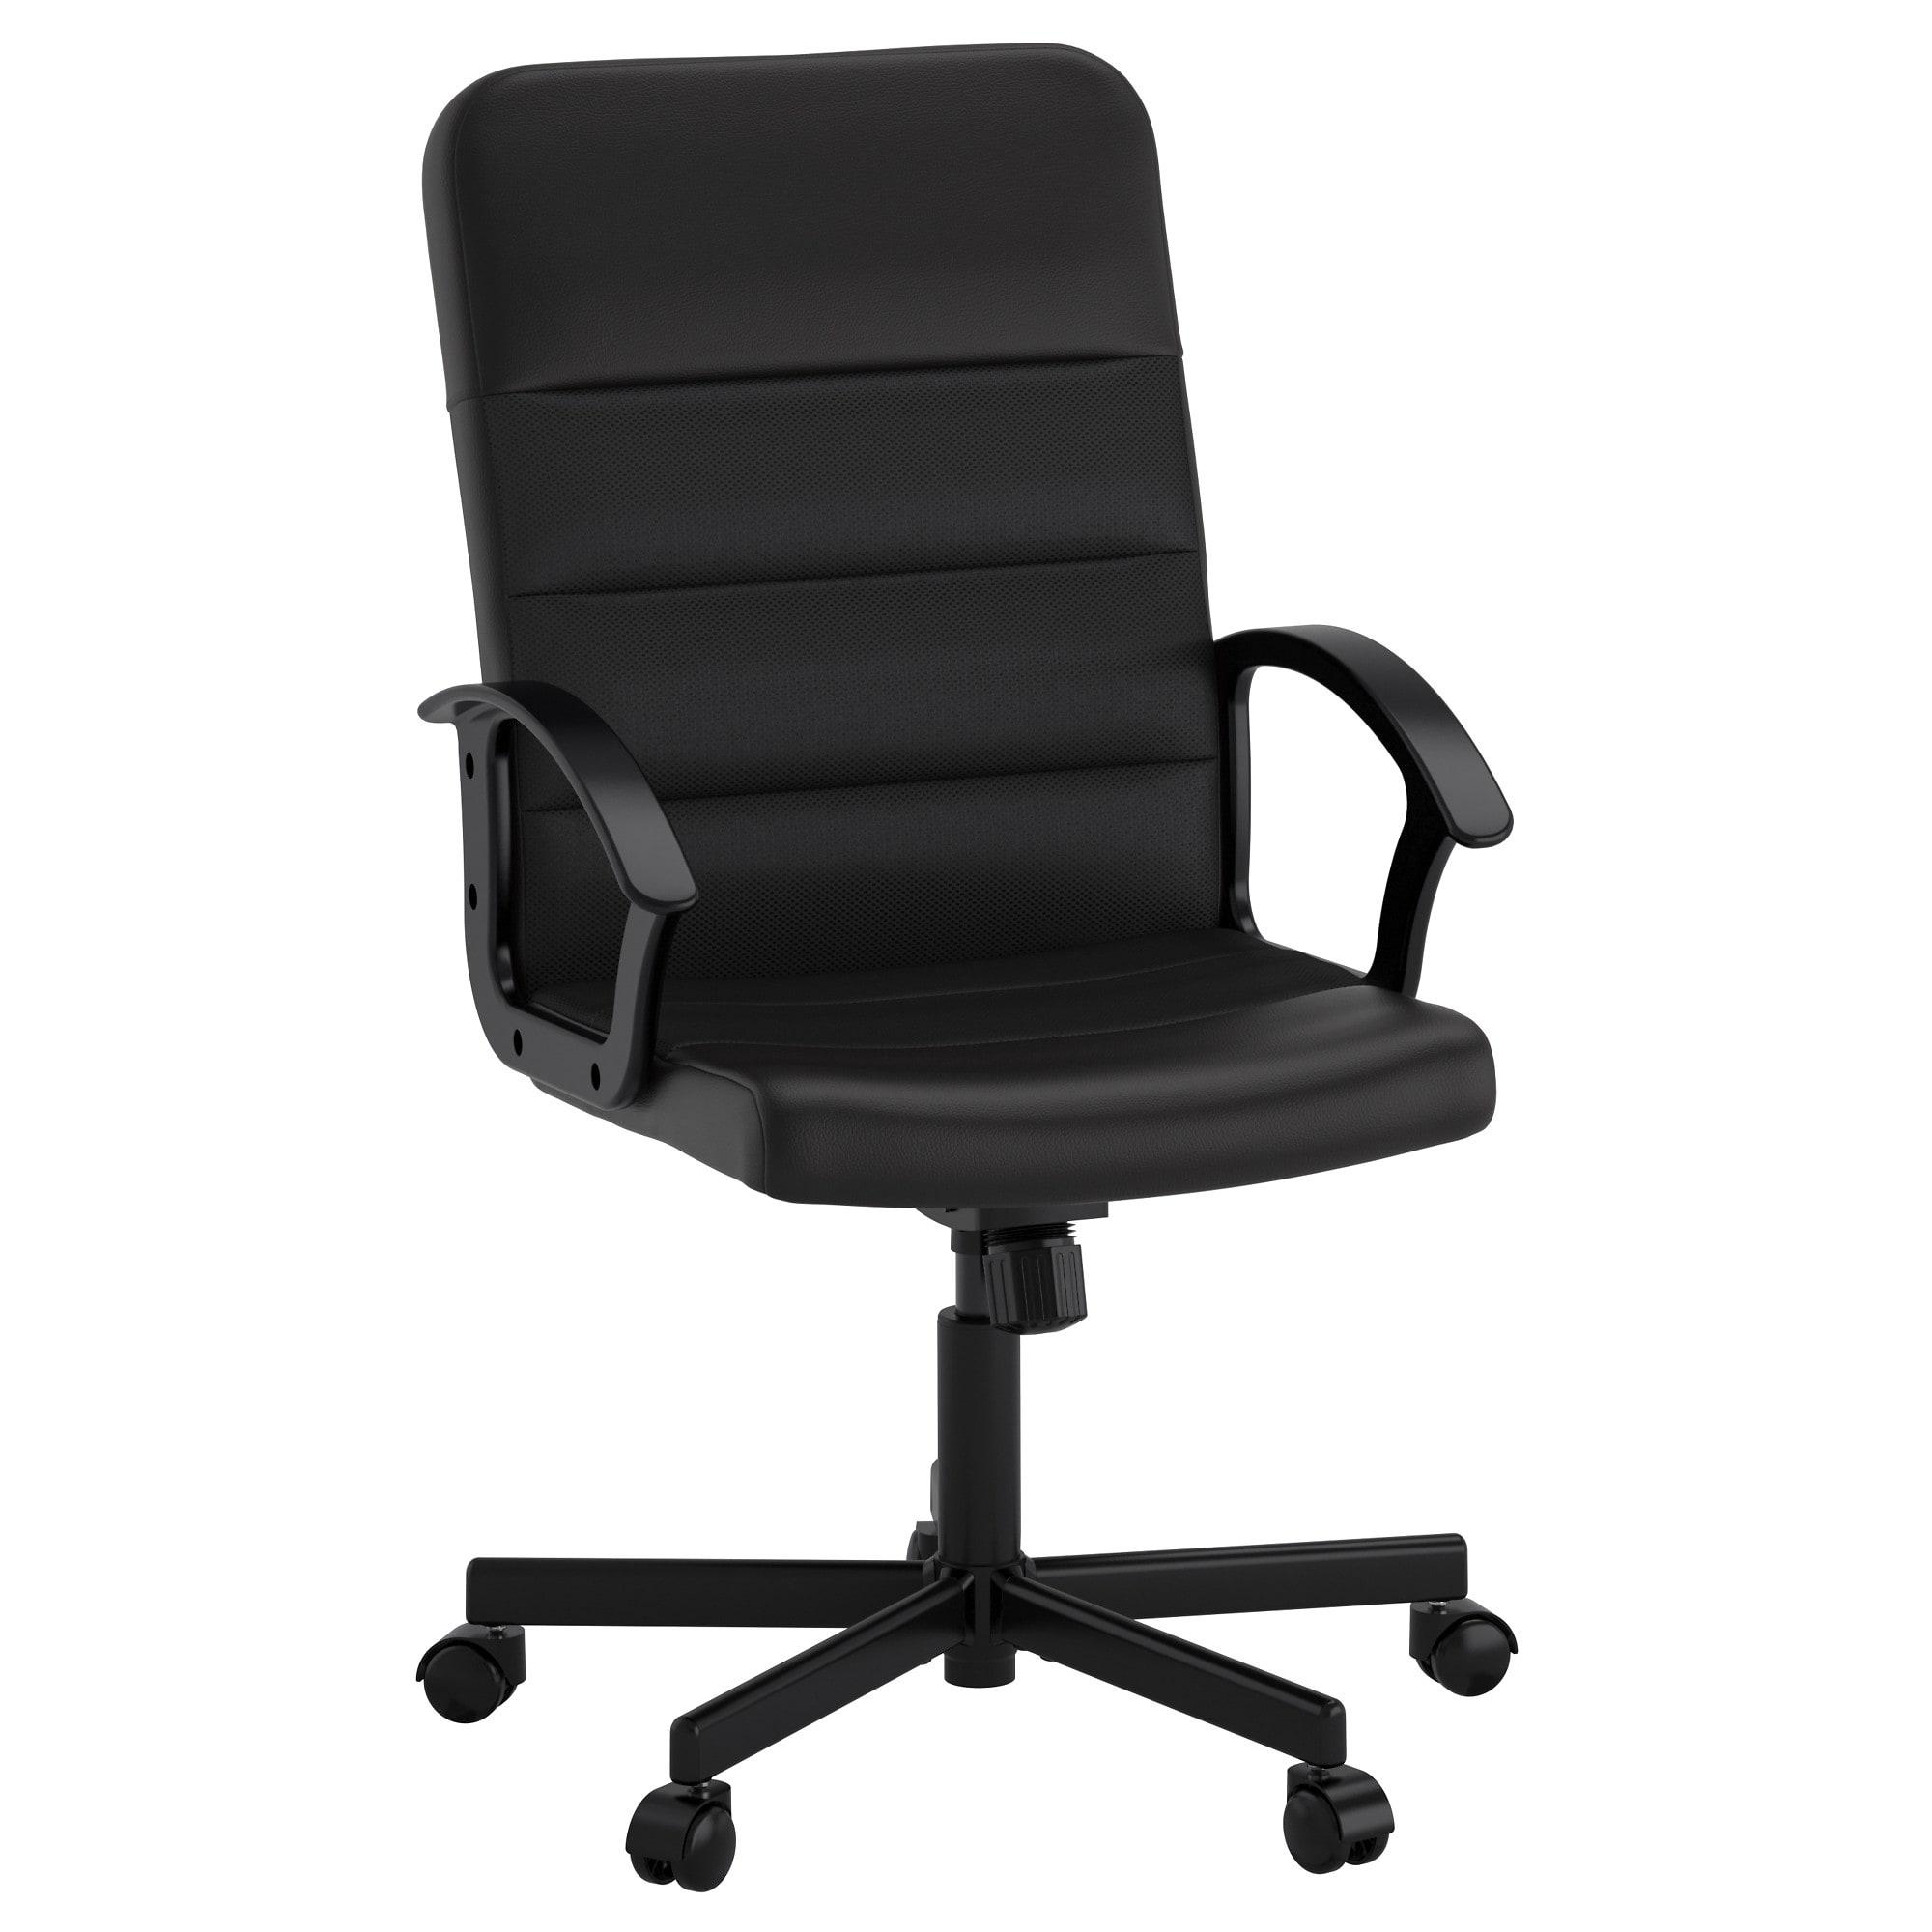 Sillas Oficinas Gdd0 Sillas De Oficina Y Sillas De Trabajo Pra Online Ikea